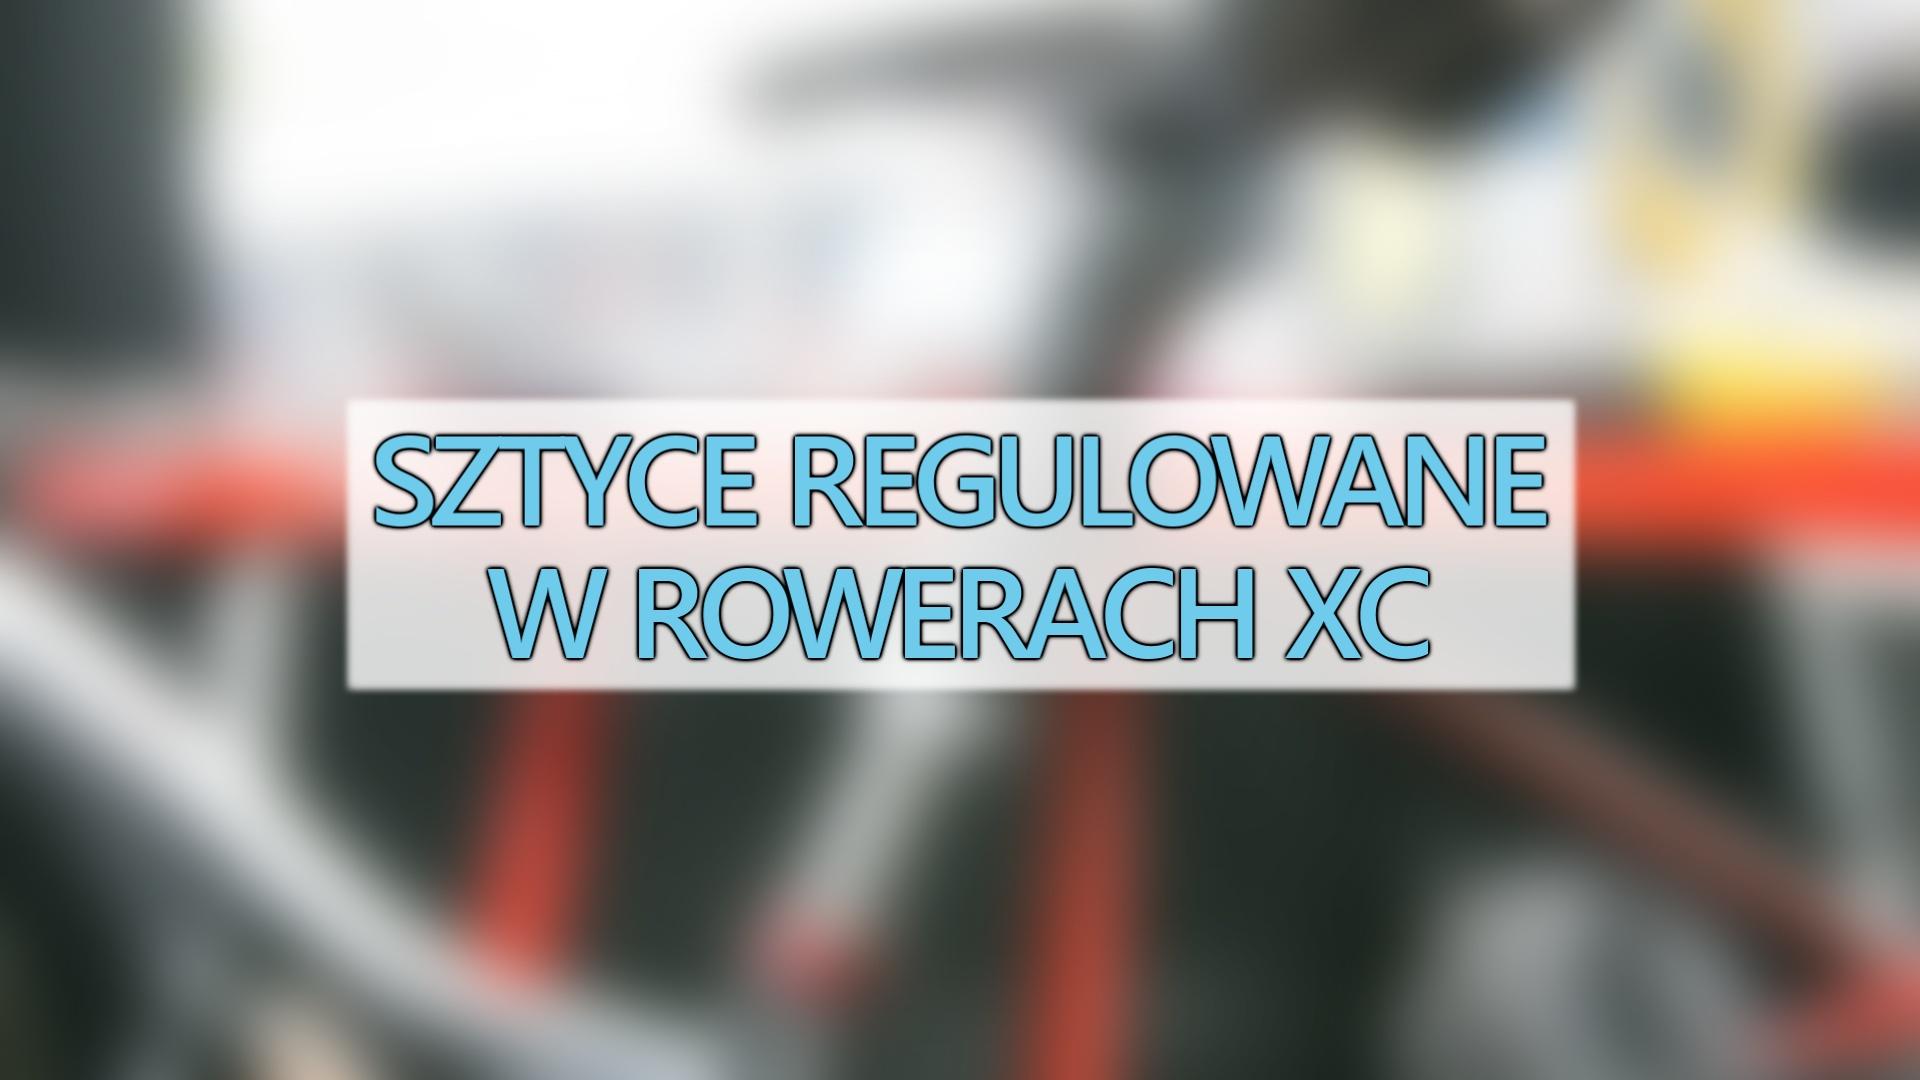 Regulowane sztyce hitem sezonu 2017 w rowerach XC ?